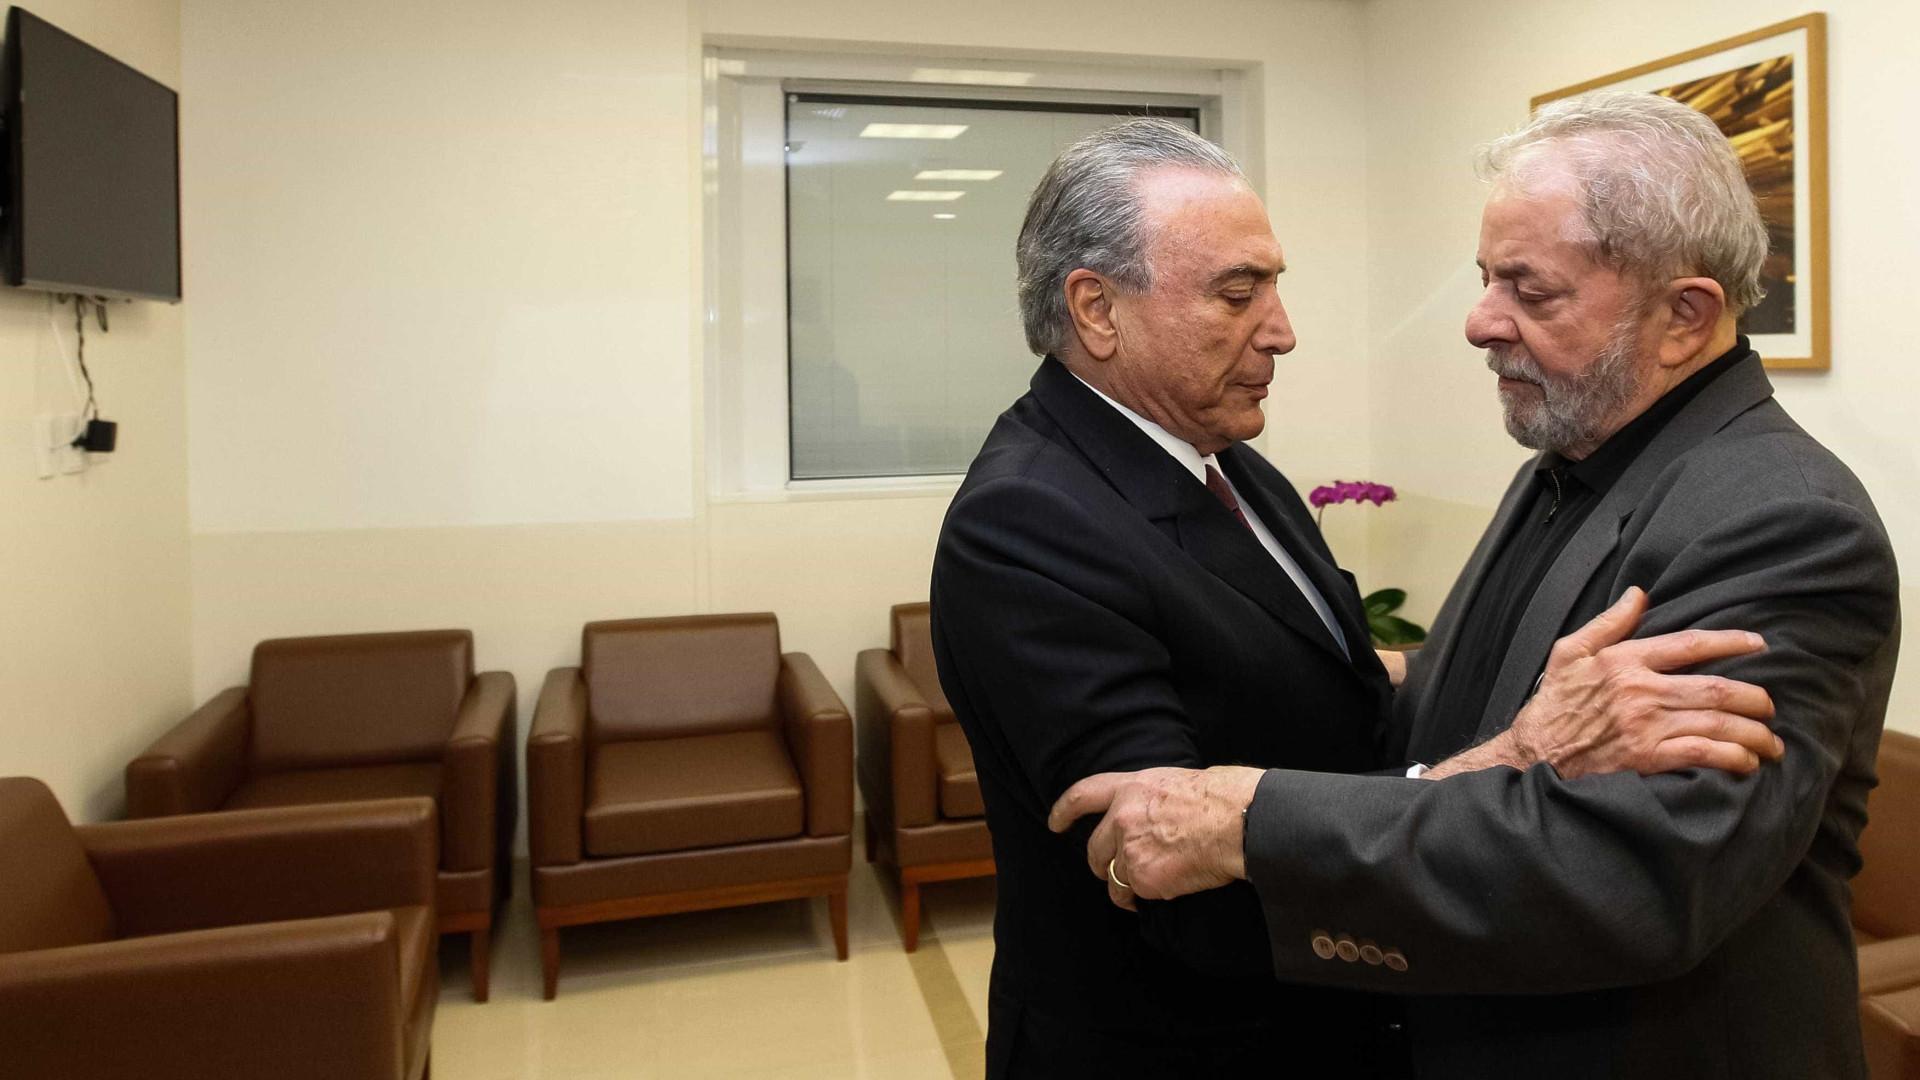 Temer já está fora, ninguém gosta dele, diz Lula